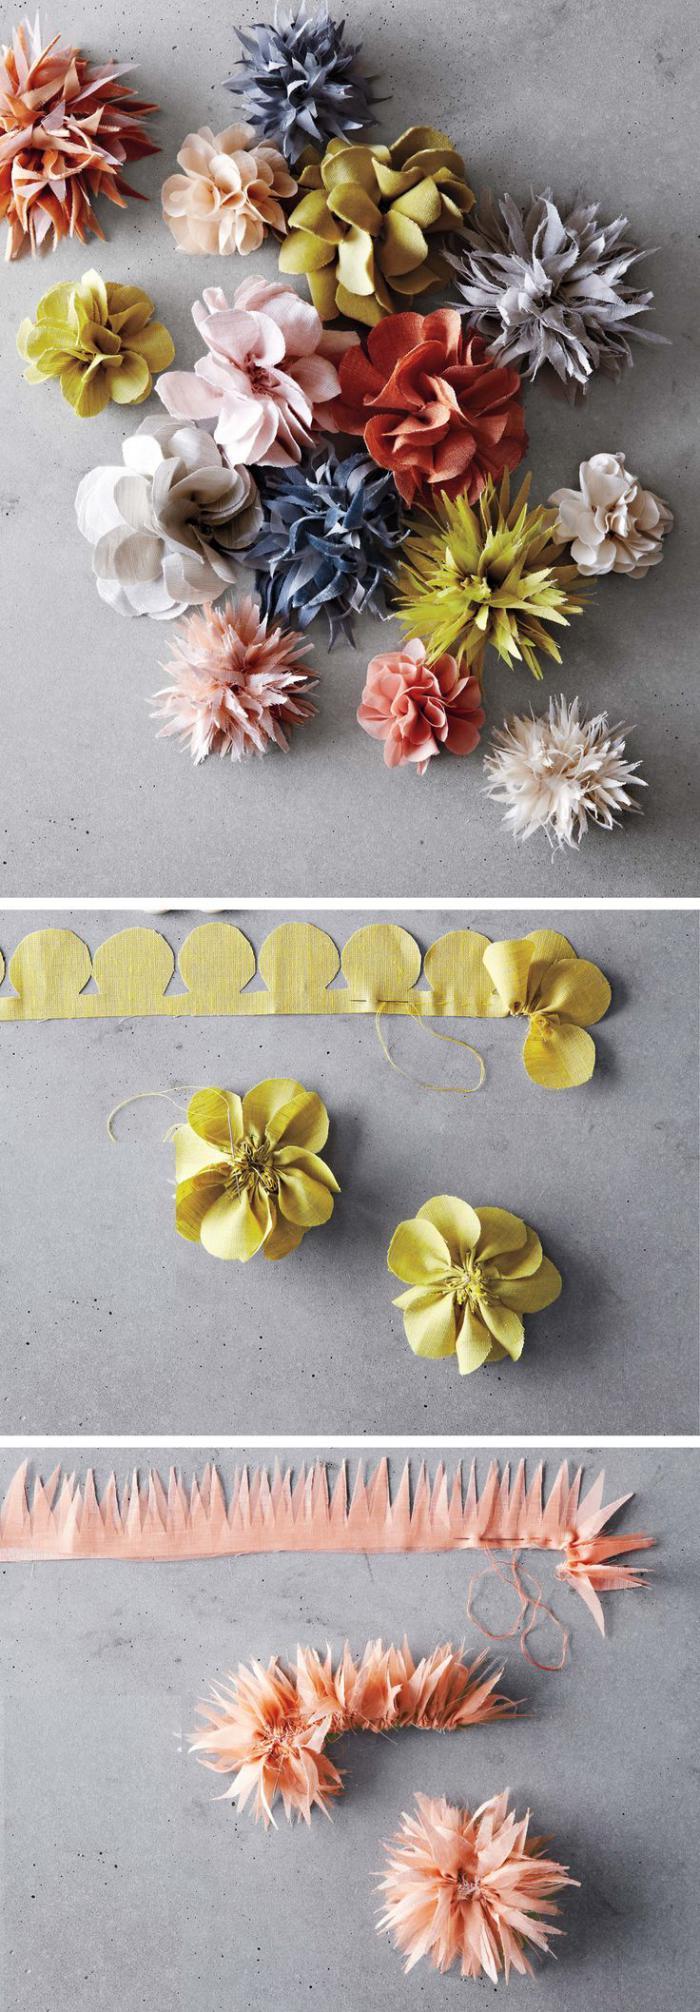 Essayez les fleurs en feutrine une jolie d coration pour plusieurs cas - Comment faire une couronne de fleurs ...